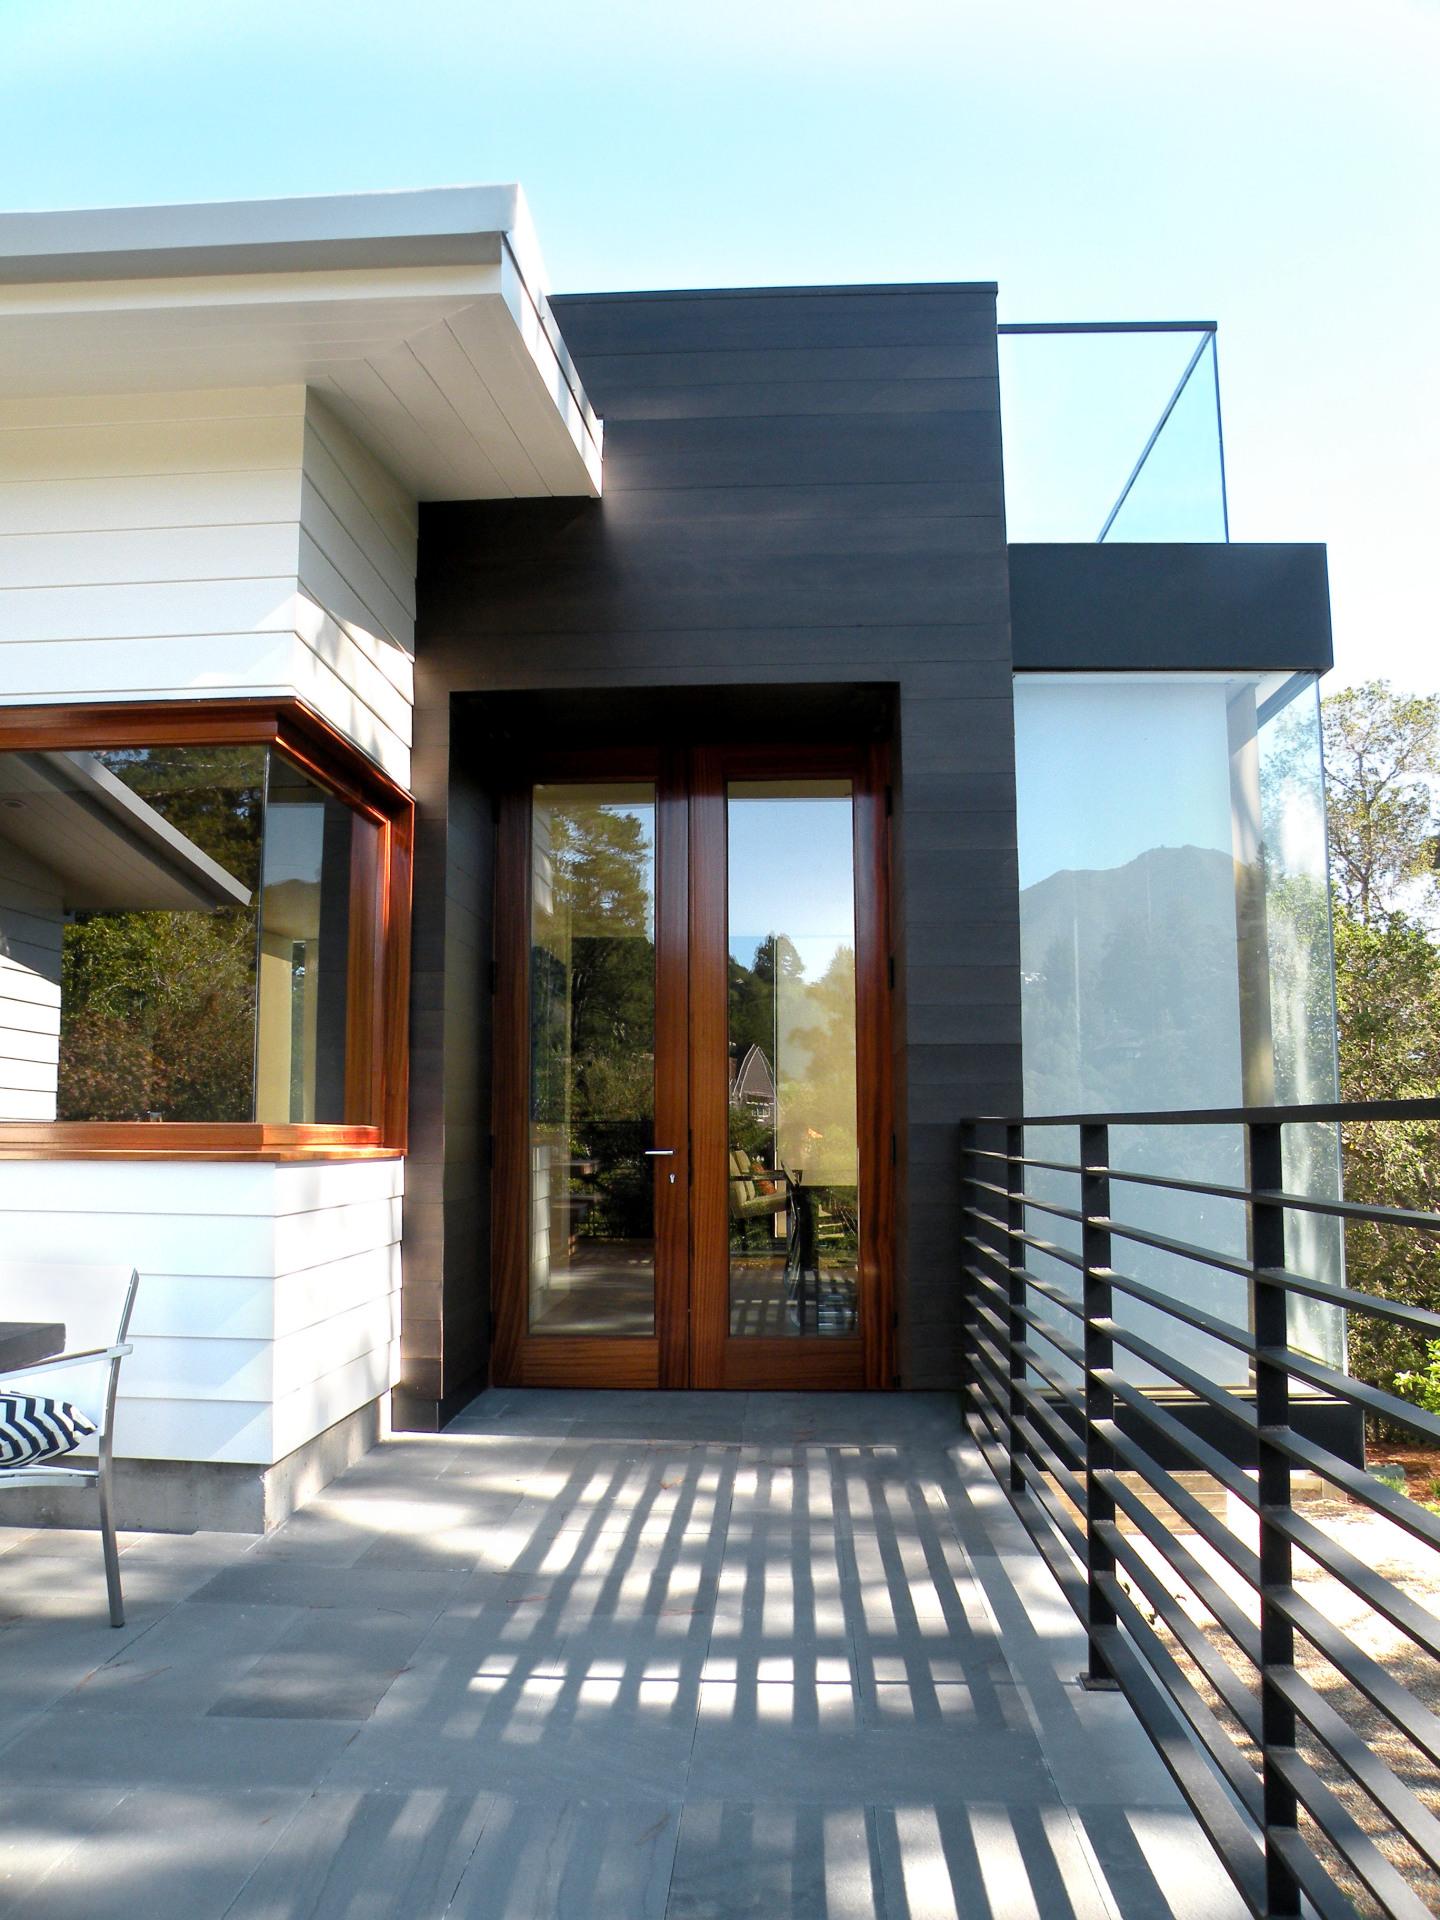 Quezada Architecture, QA, Cecilia Quezada, Ed Tingley, Fred Quezada, , Hillcrest Residence